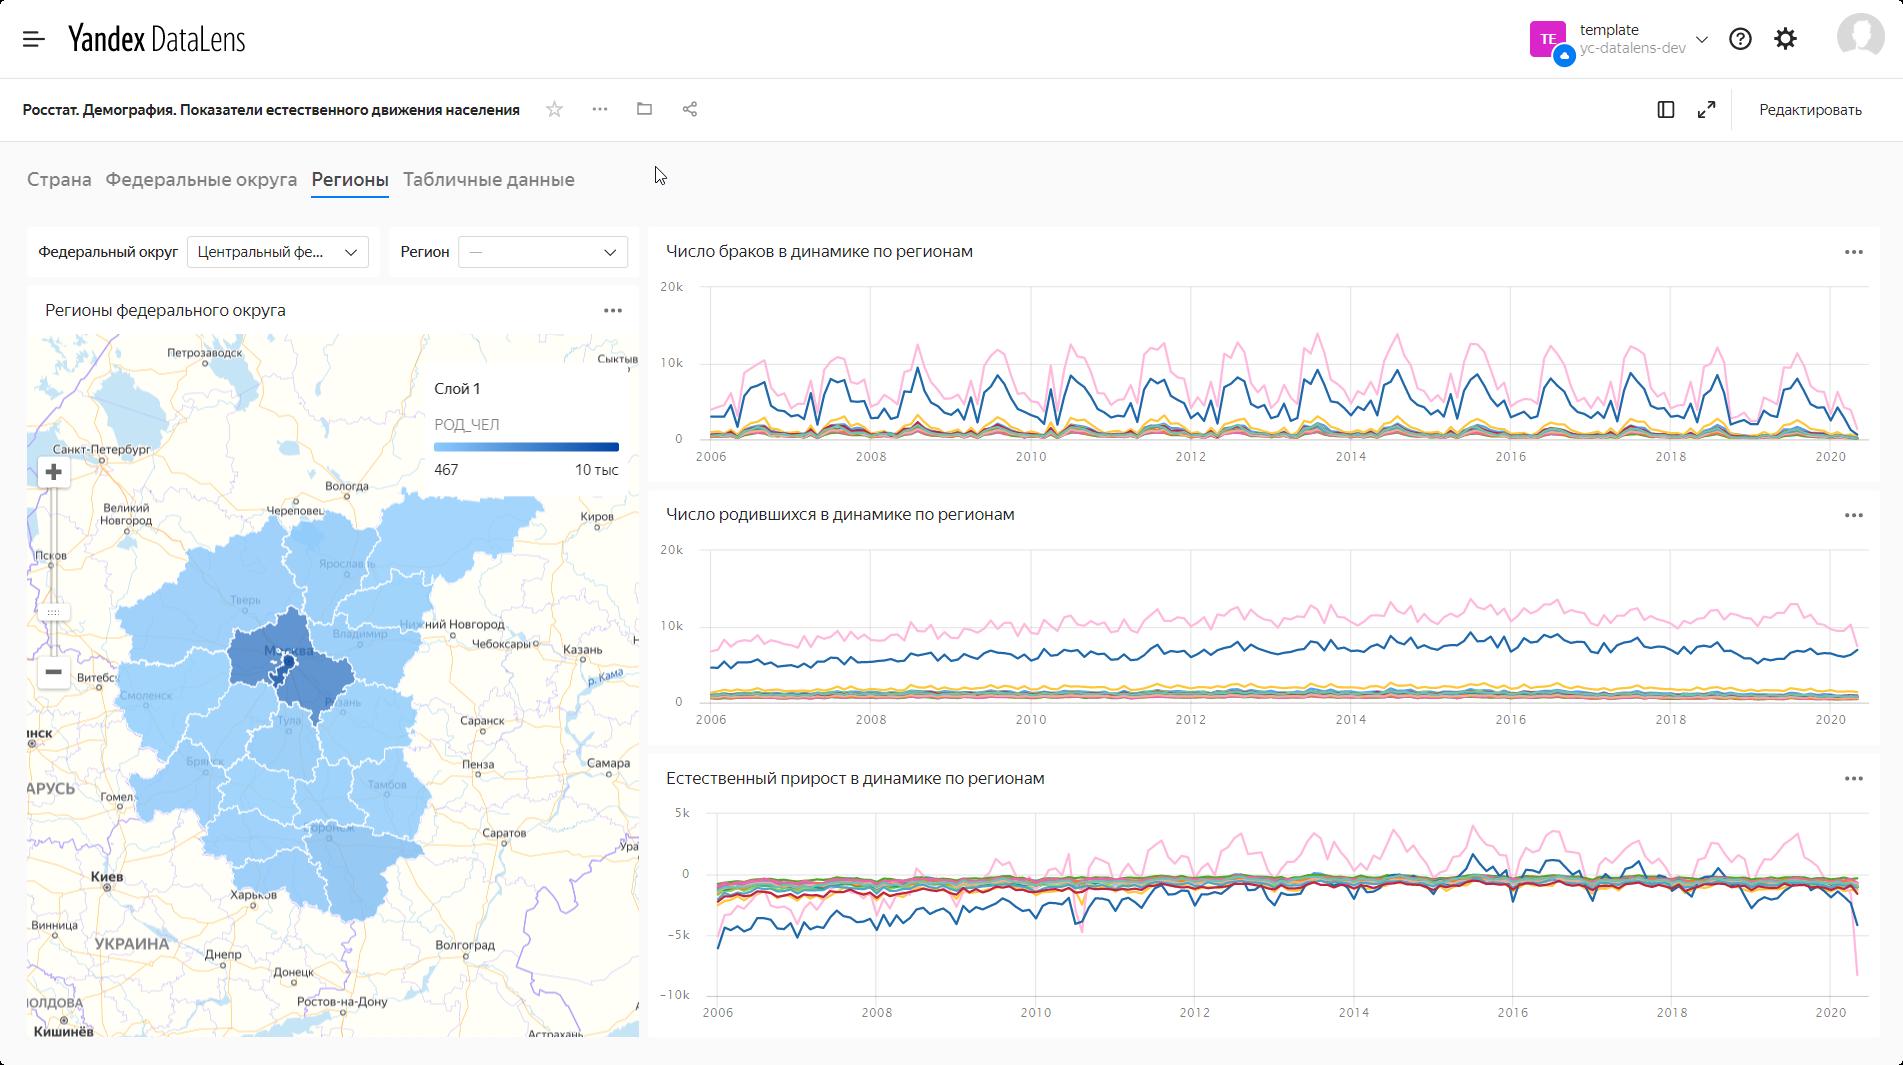 Визуализация данных DataLens. Демография